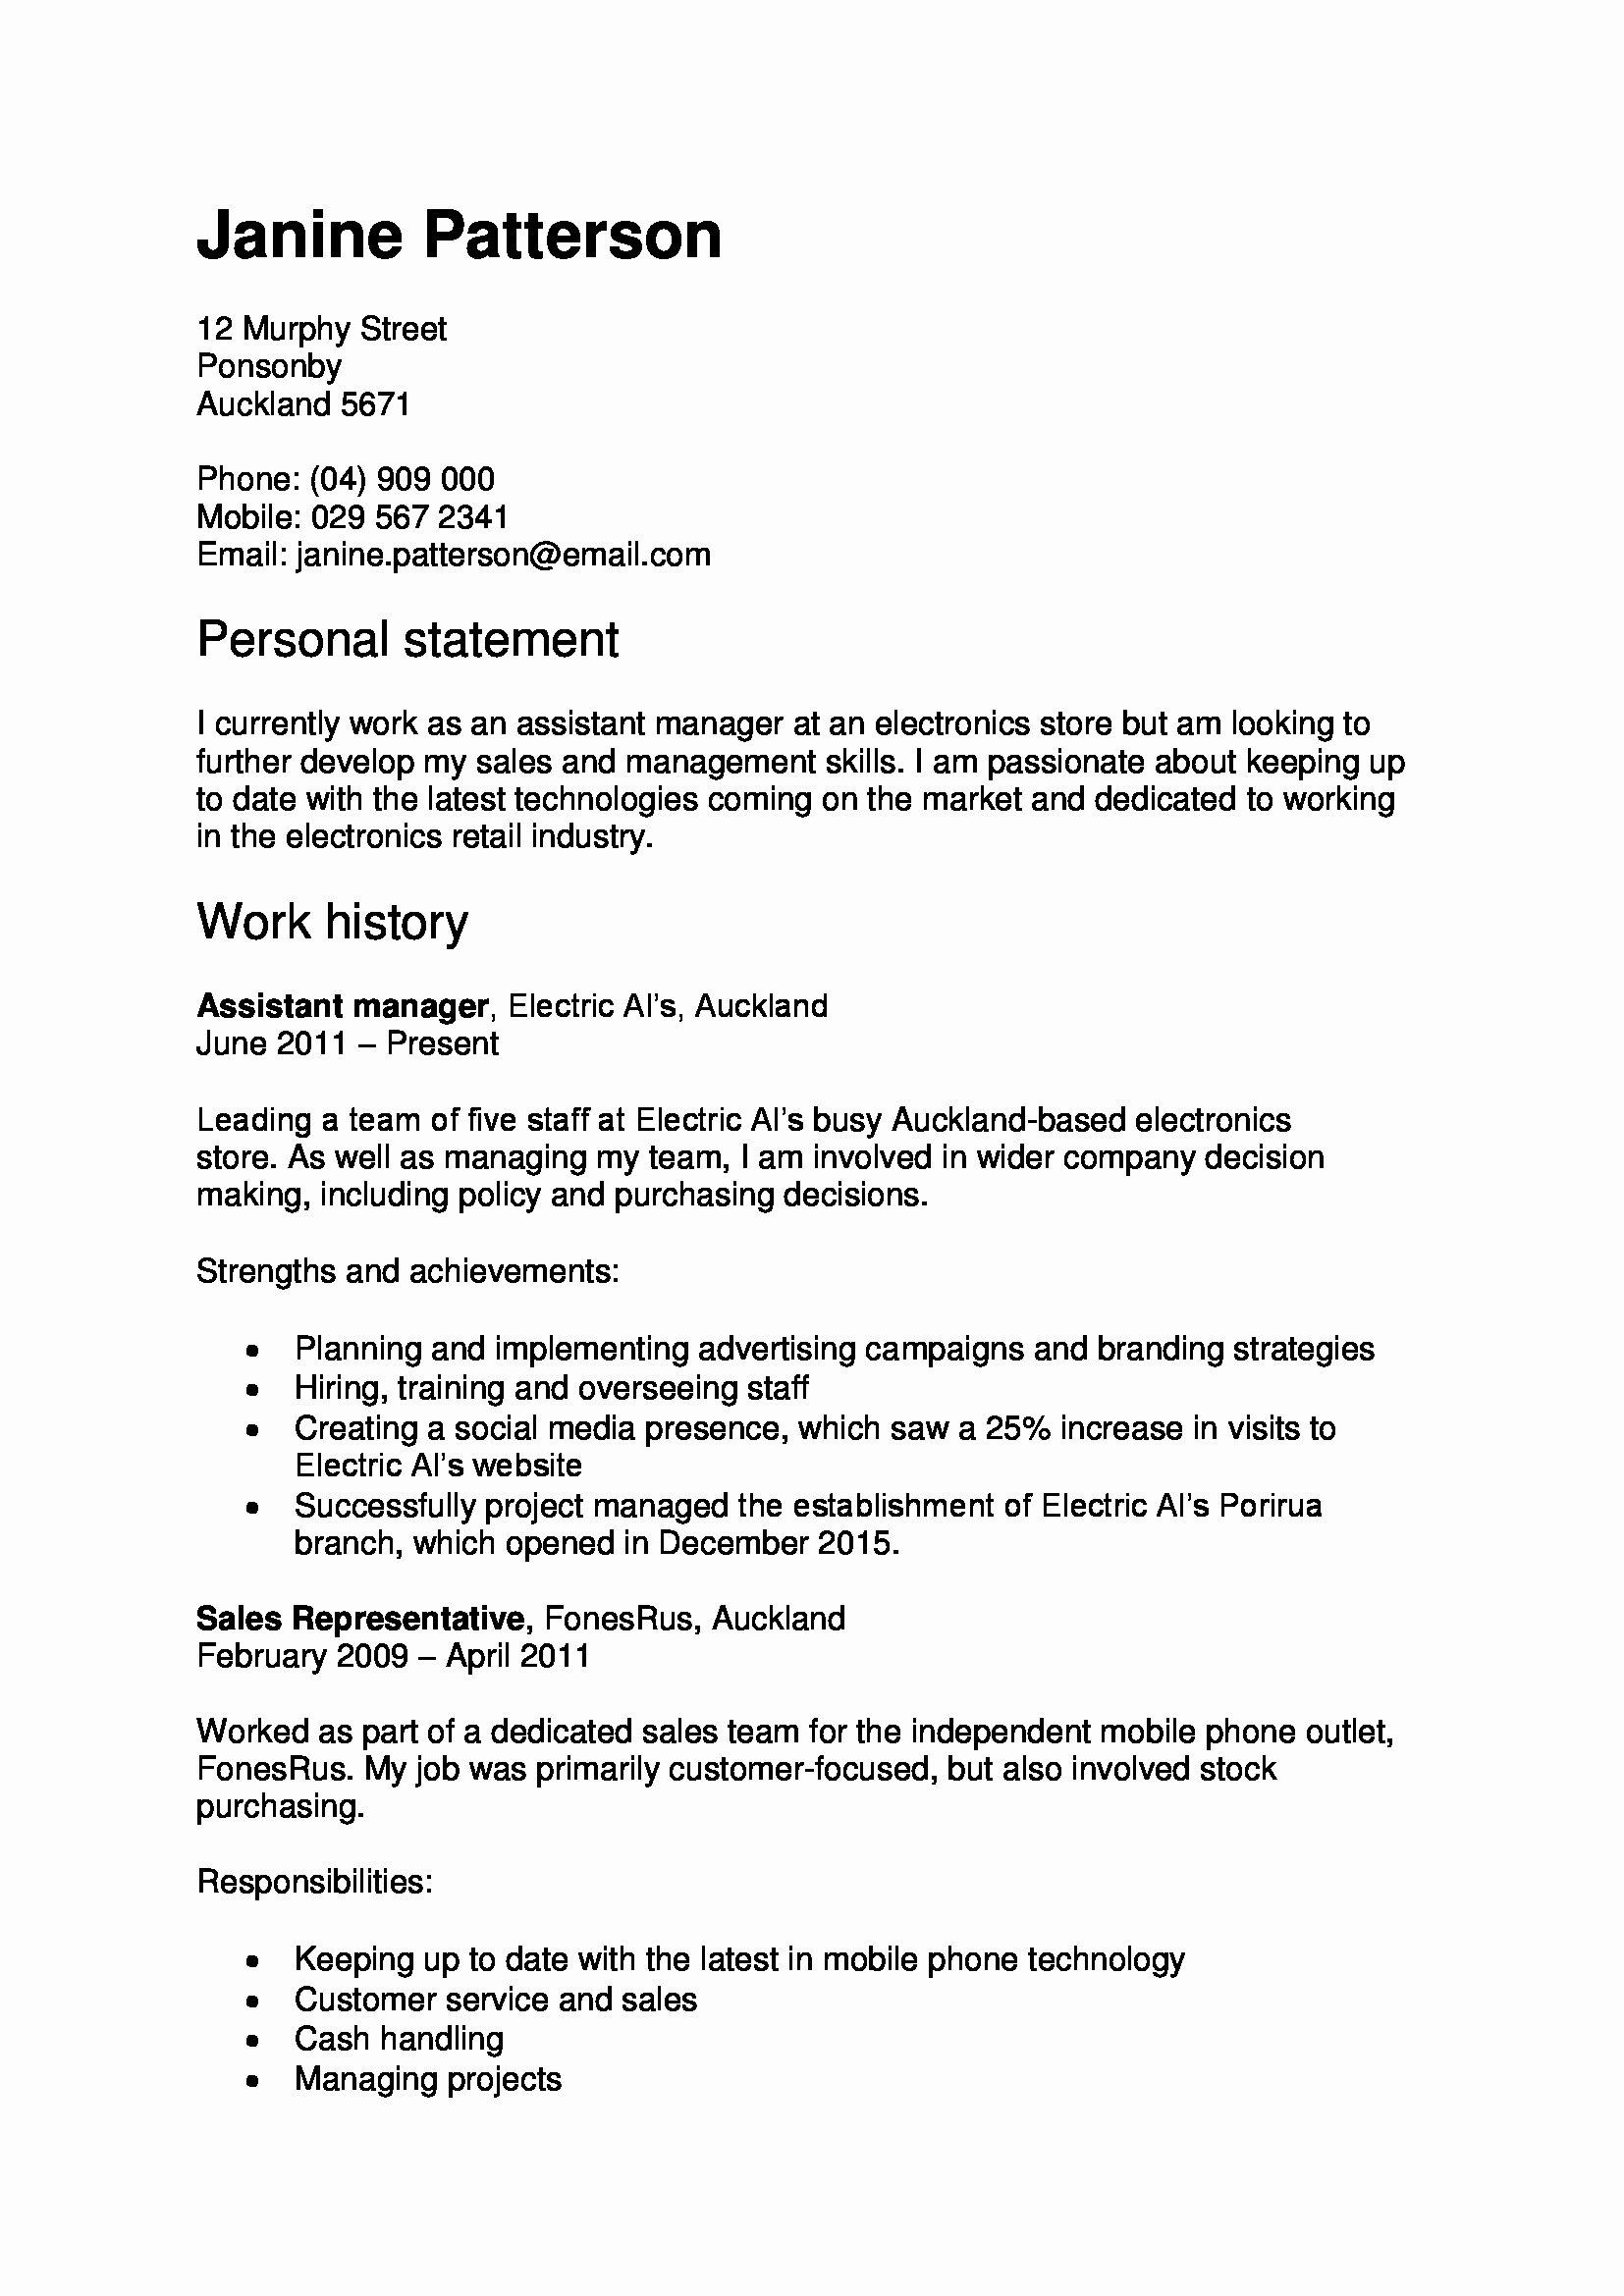 Sample Line Cover Letter for Resume